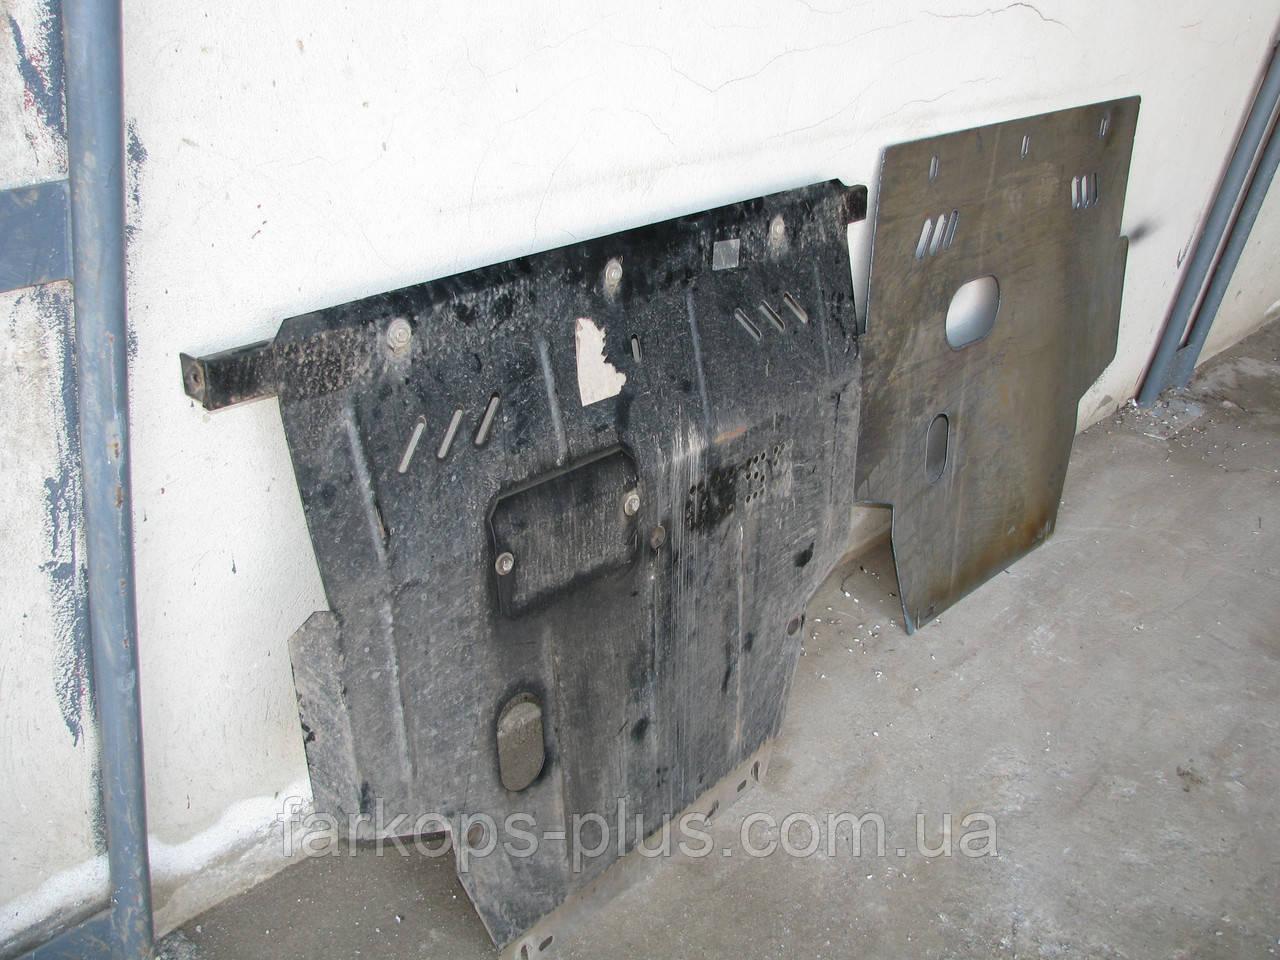 Захист двигуна і кпп - Geely Emgrang EC-7 RV (2012--) все